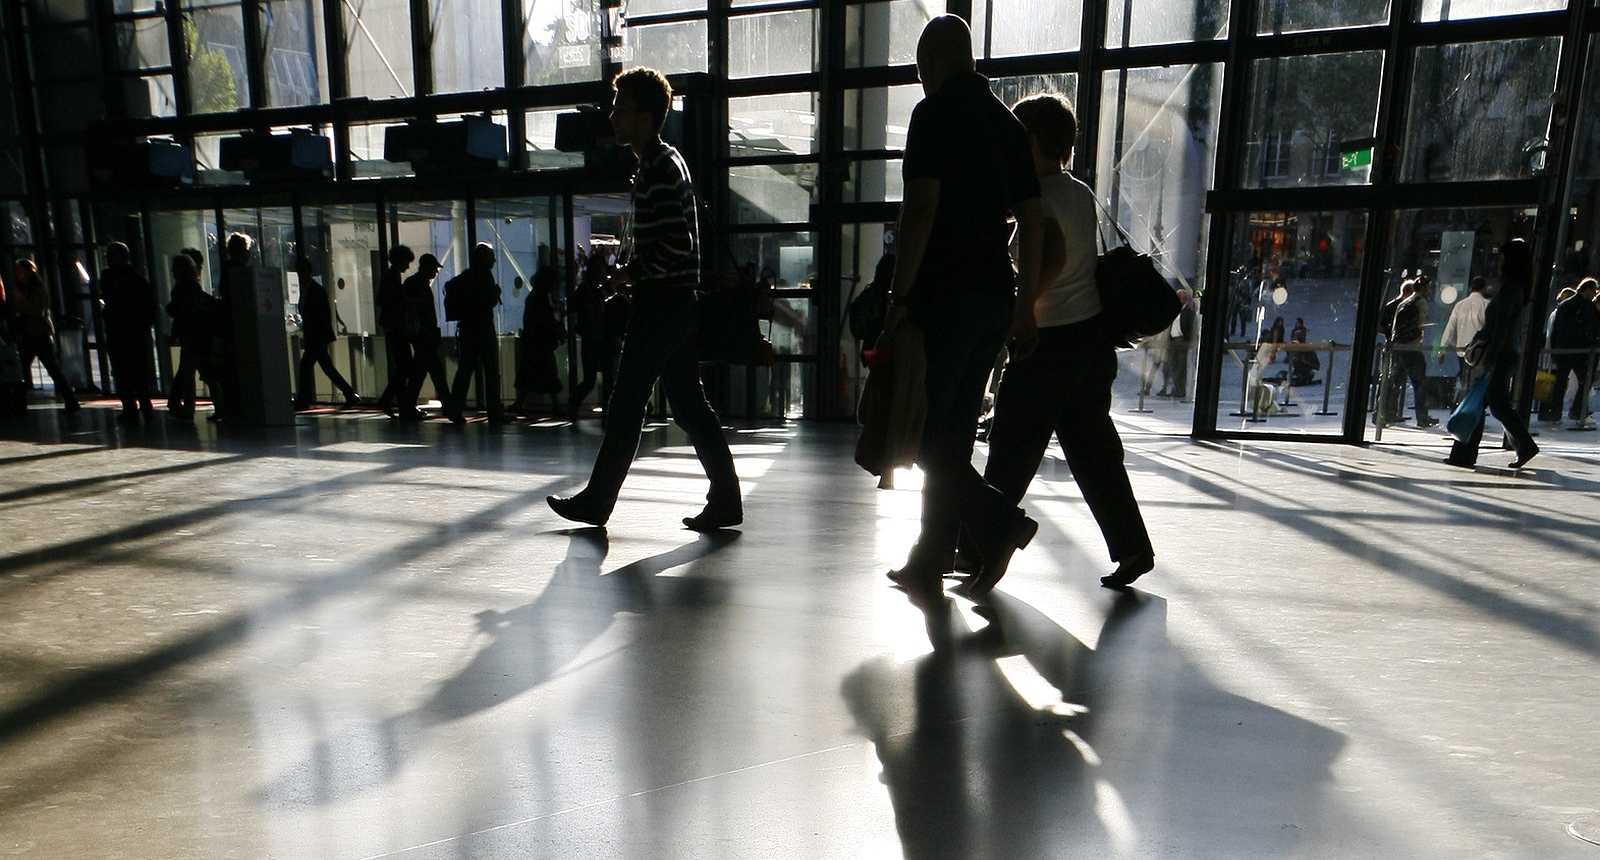 Le Centre Culturel Georges Pompidou